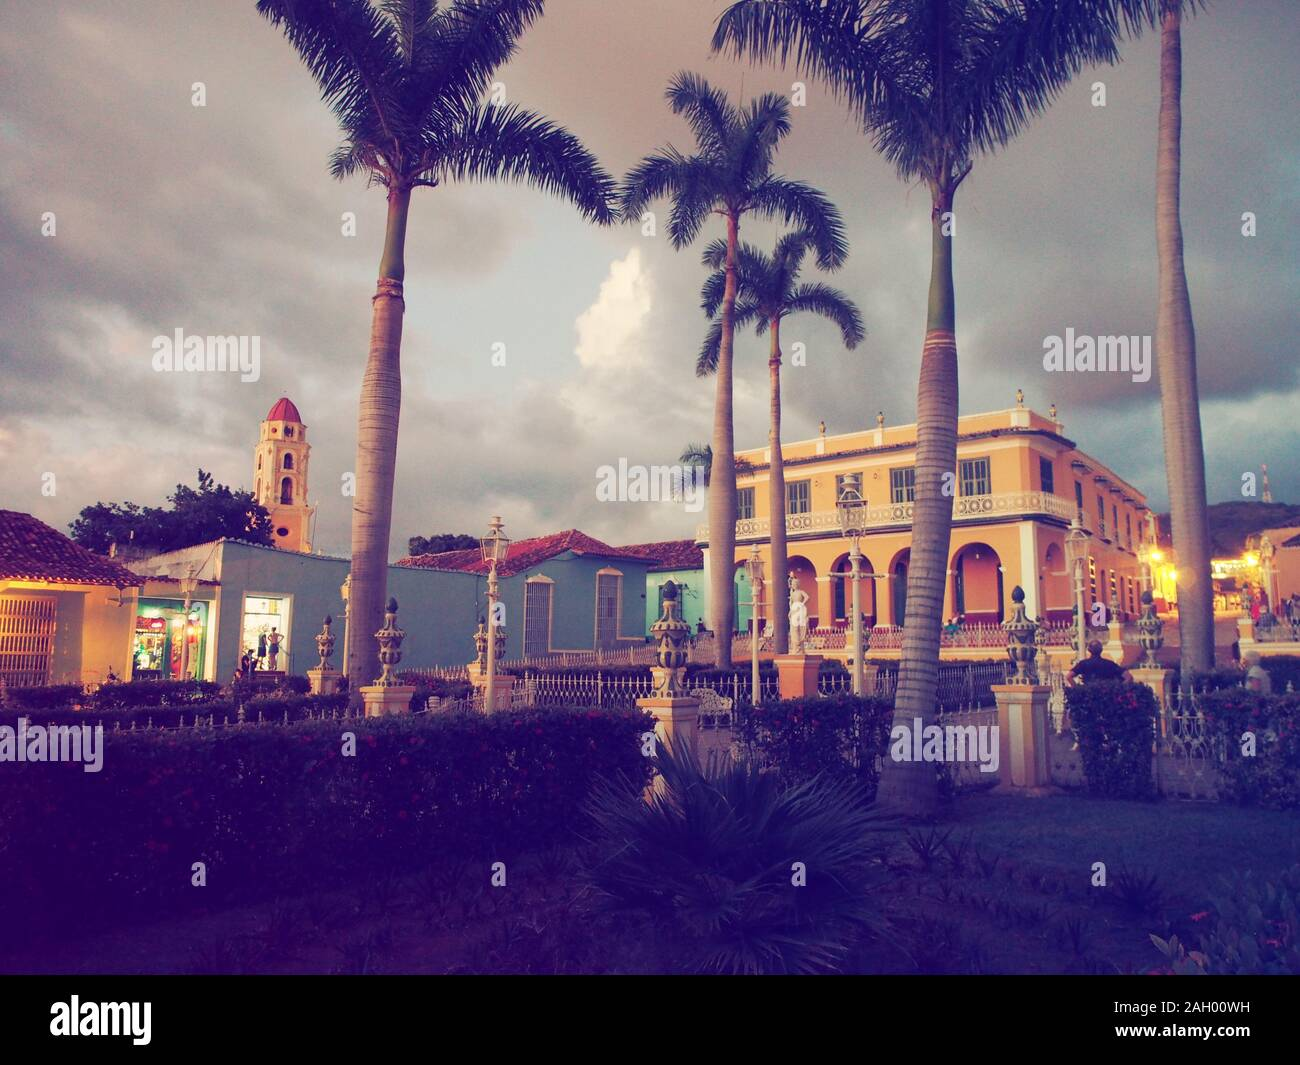 Città vecchia di Trinidad Foto Stock